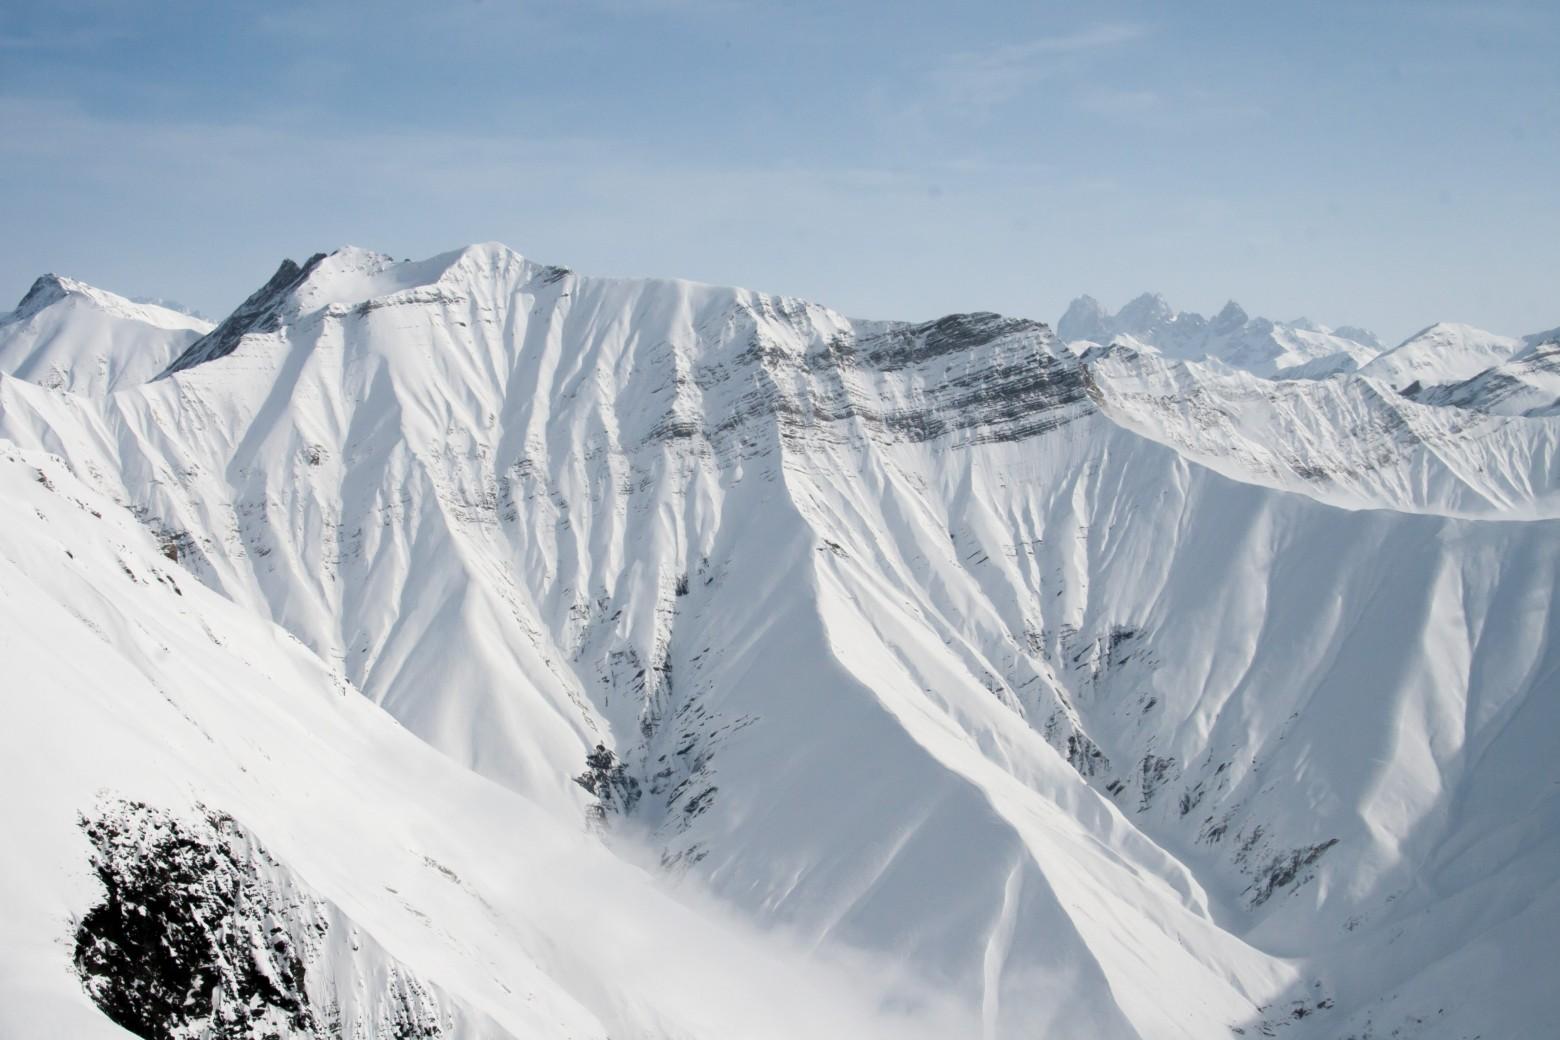 Les montagnes l hiver la neige images photos gratuites - Photos de neige gratuites ...